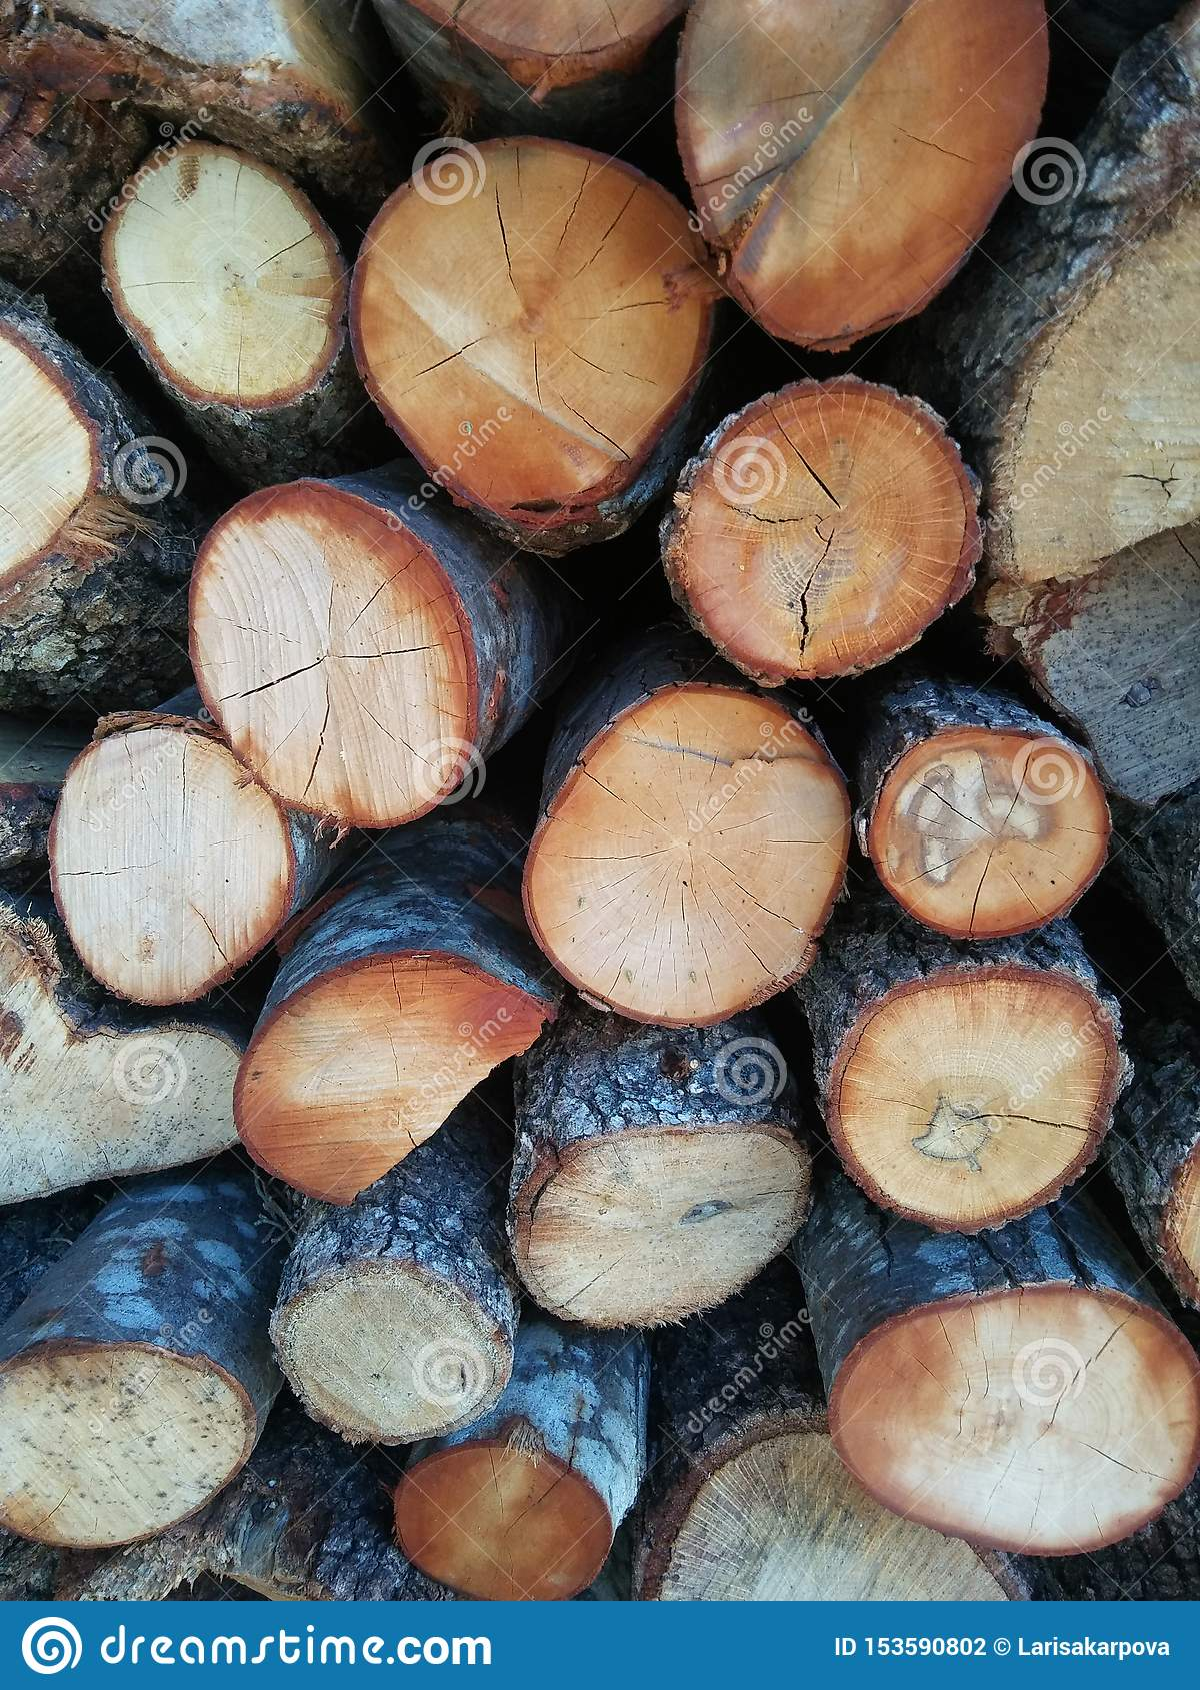 Pilha de lenha para fogão, lareira. Fundo Firewood. Textura de madeira